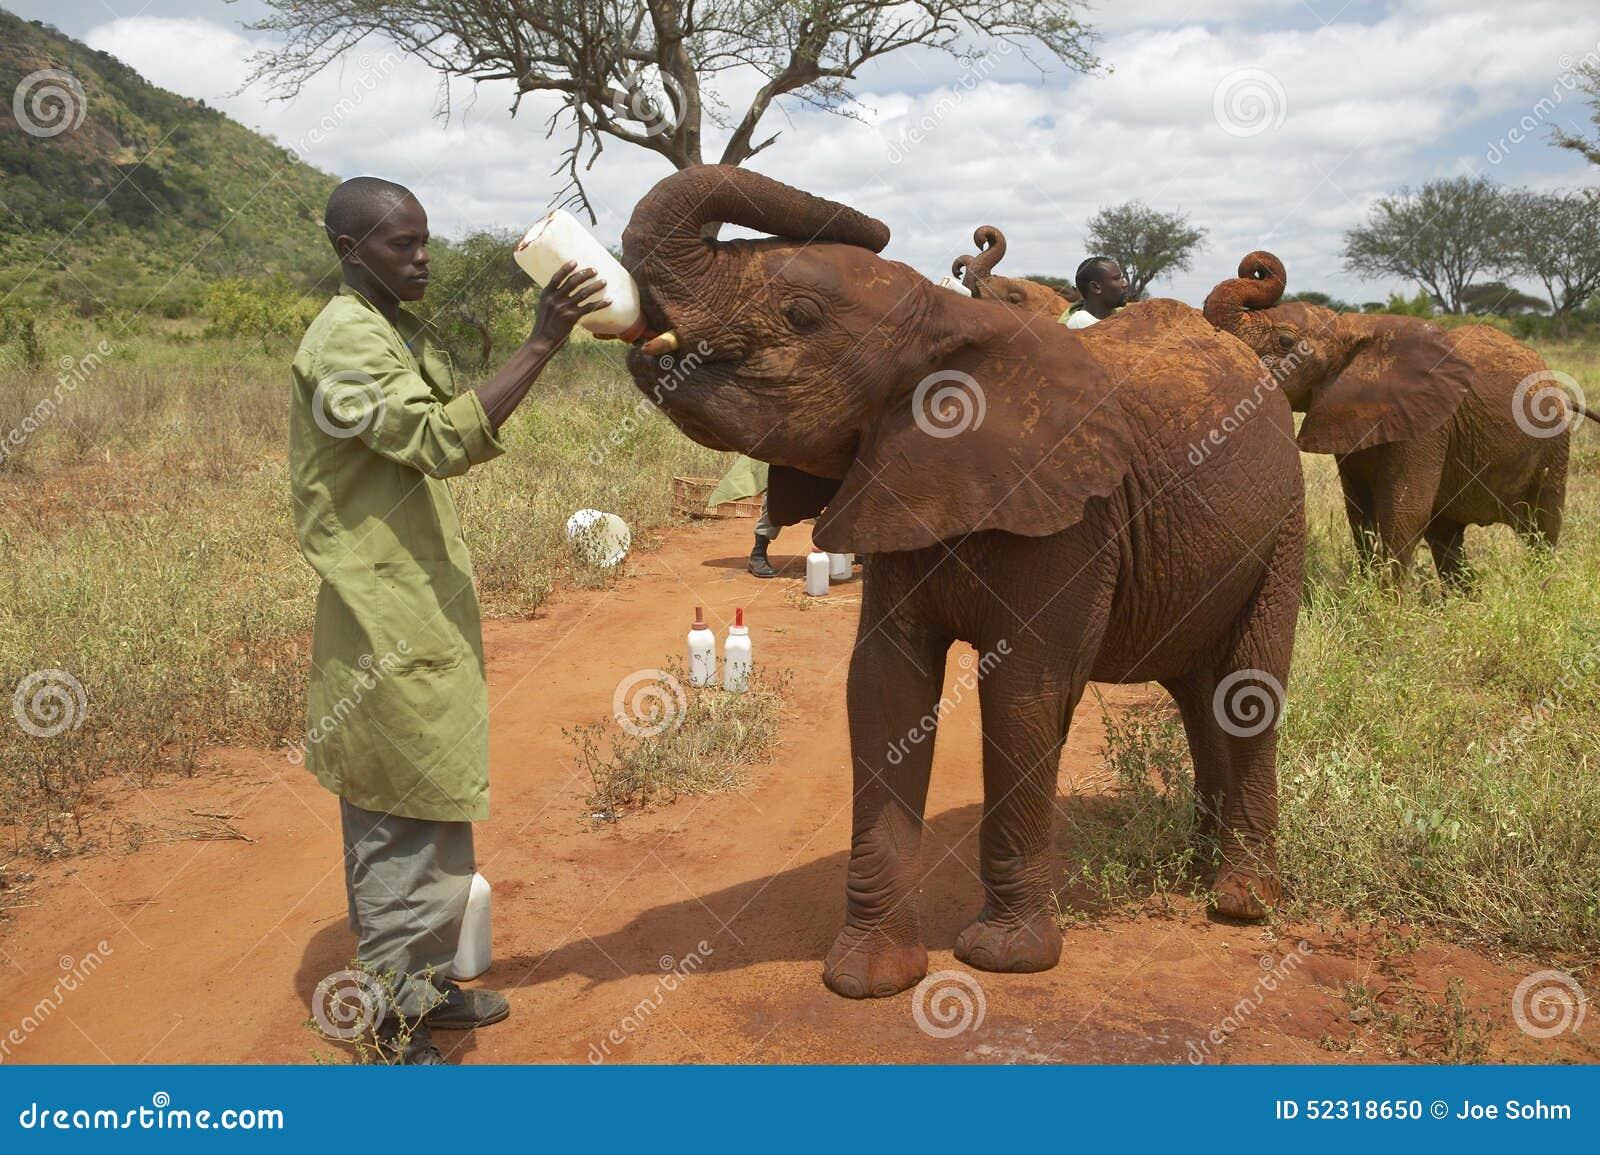 Αφρικανικό γάλα σίτισης φυλάκων ελεφάντων στους υιοθετημένους αφρικανικούς ελέφαντες μωρών στο Δαβίδ Sheldrick Wildlife Trust στη